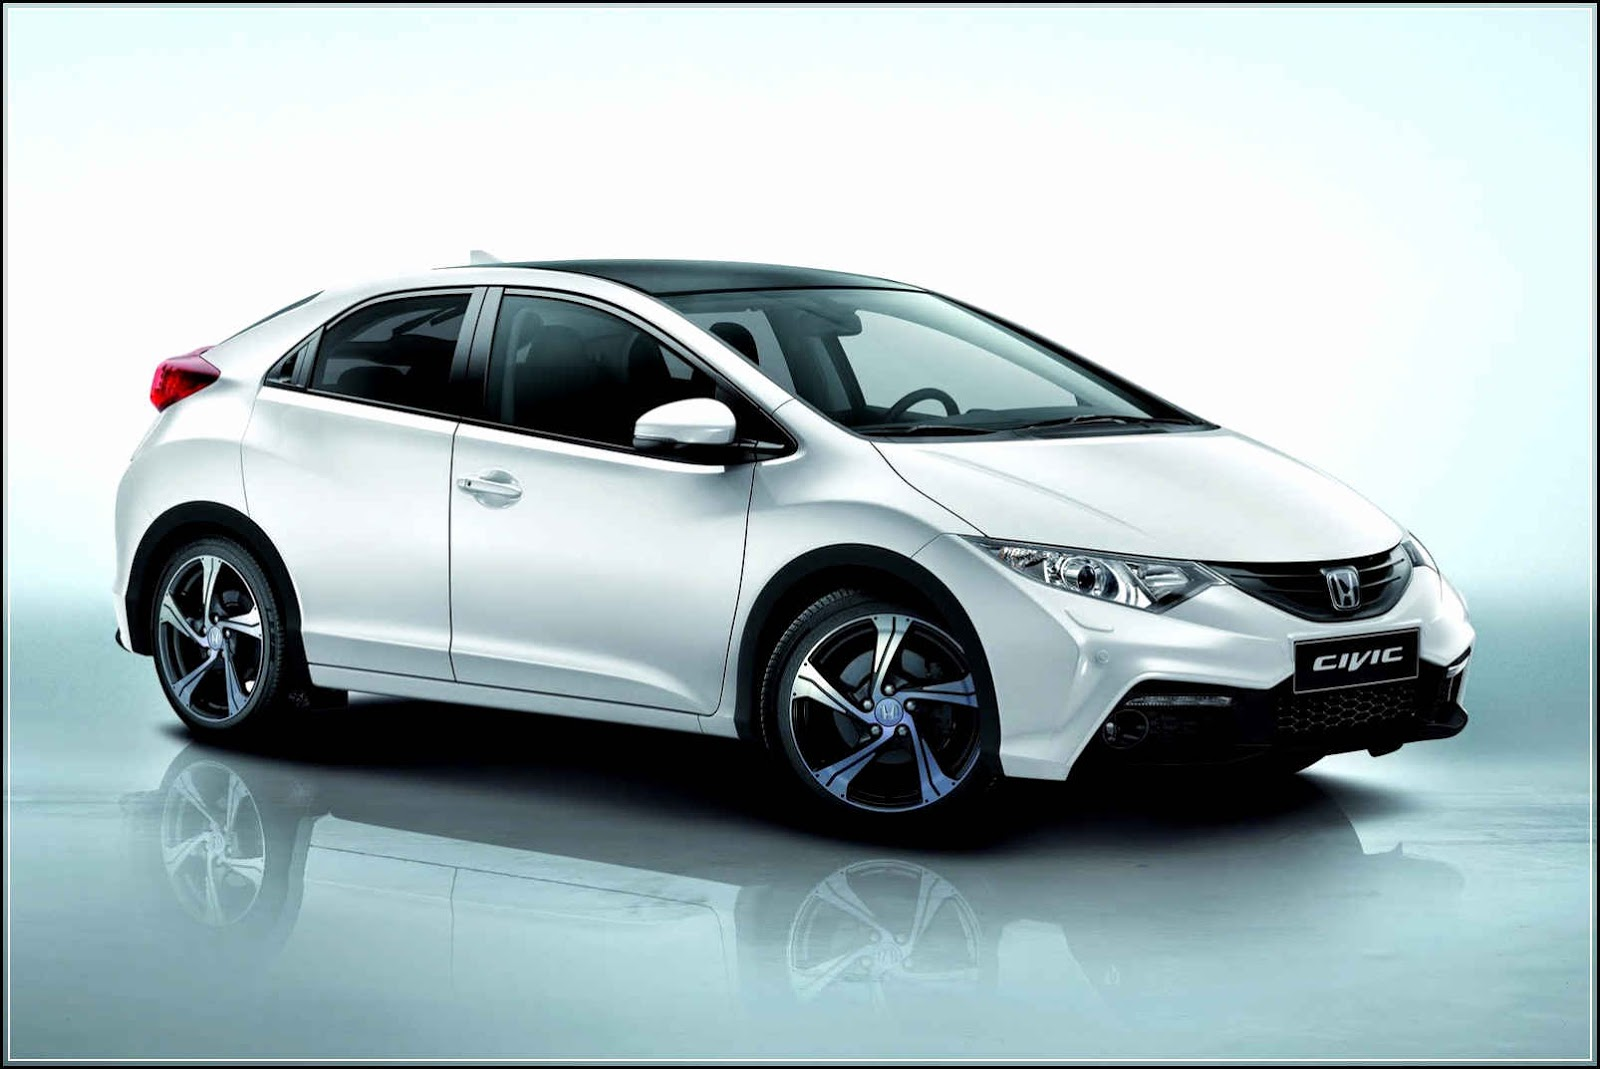 57 Gambar Mobil Honda Civic Keren  Ragam Modifikasi